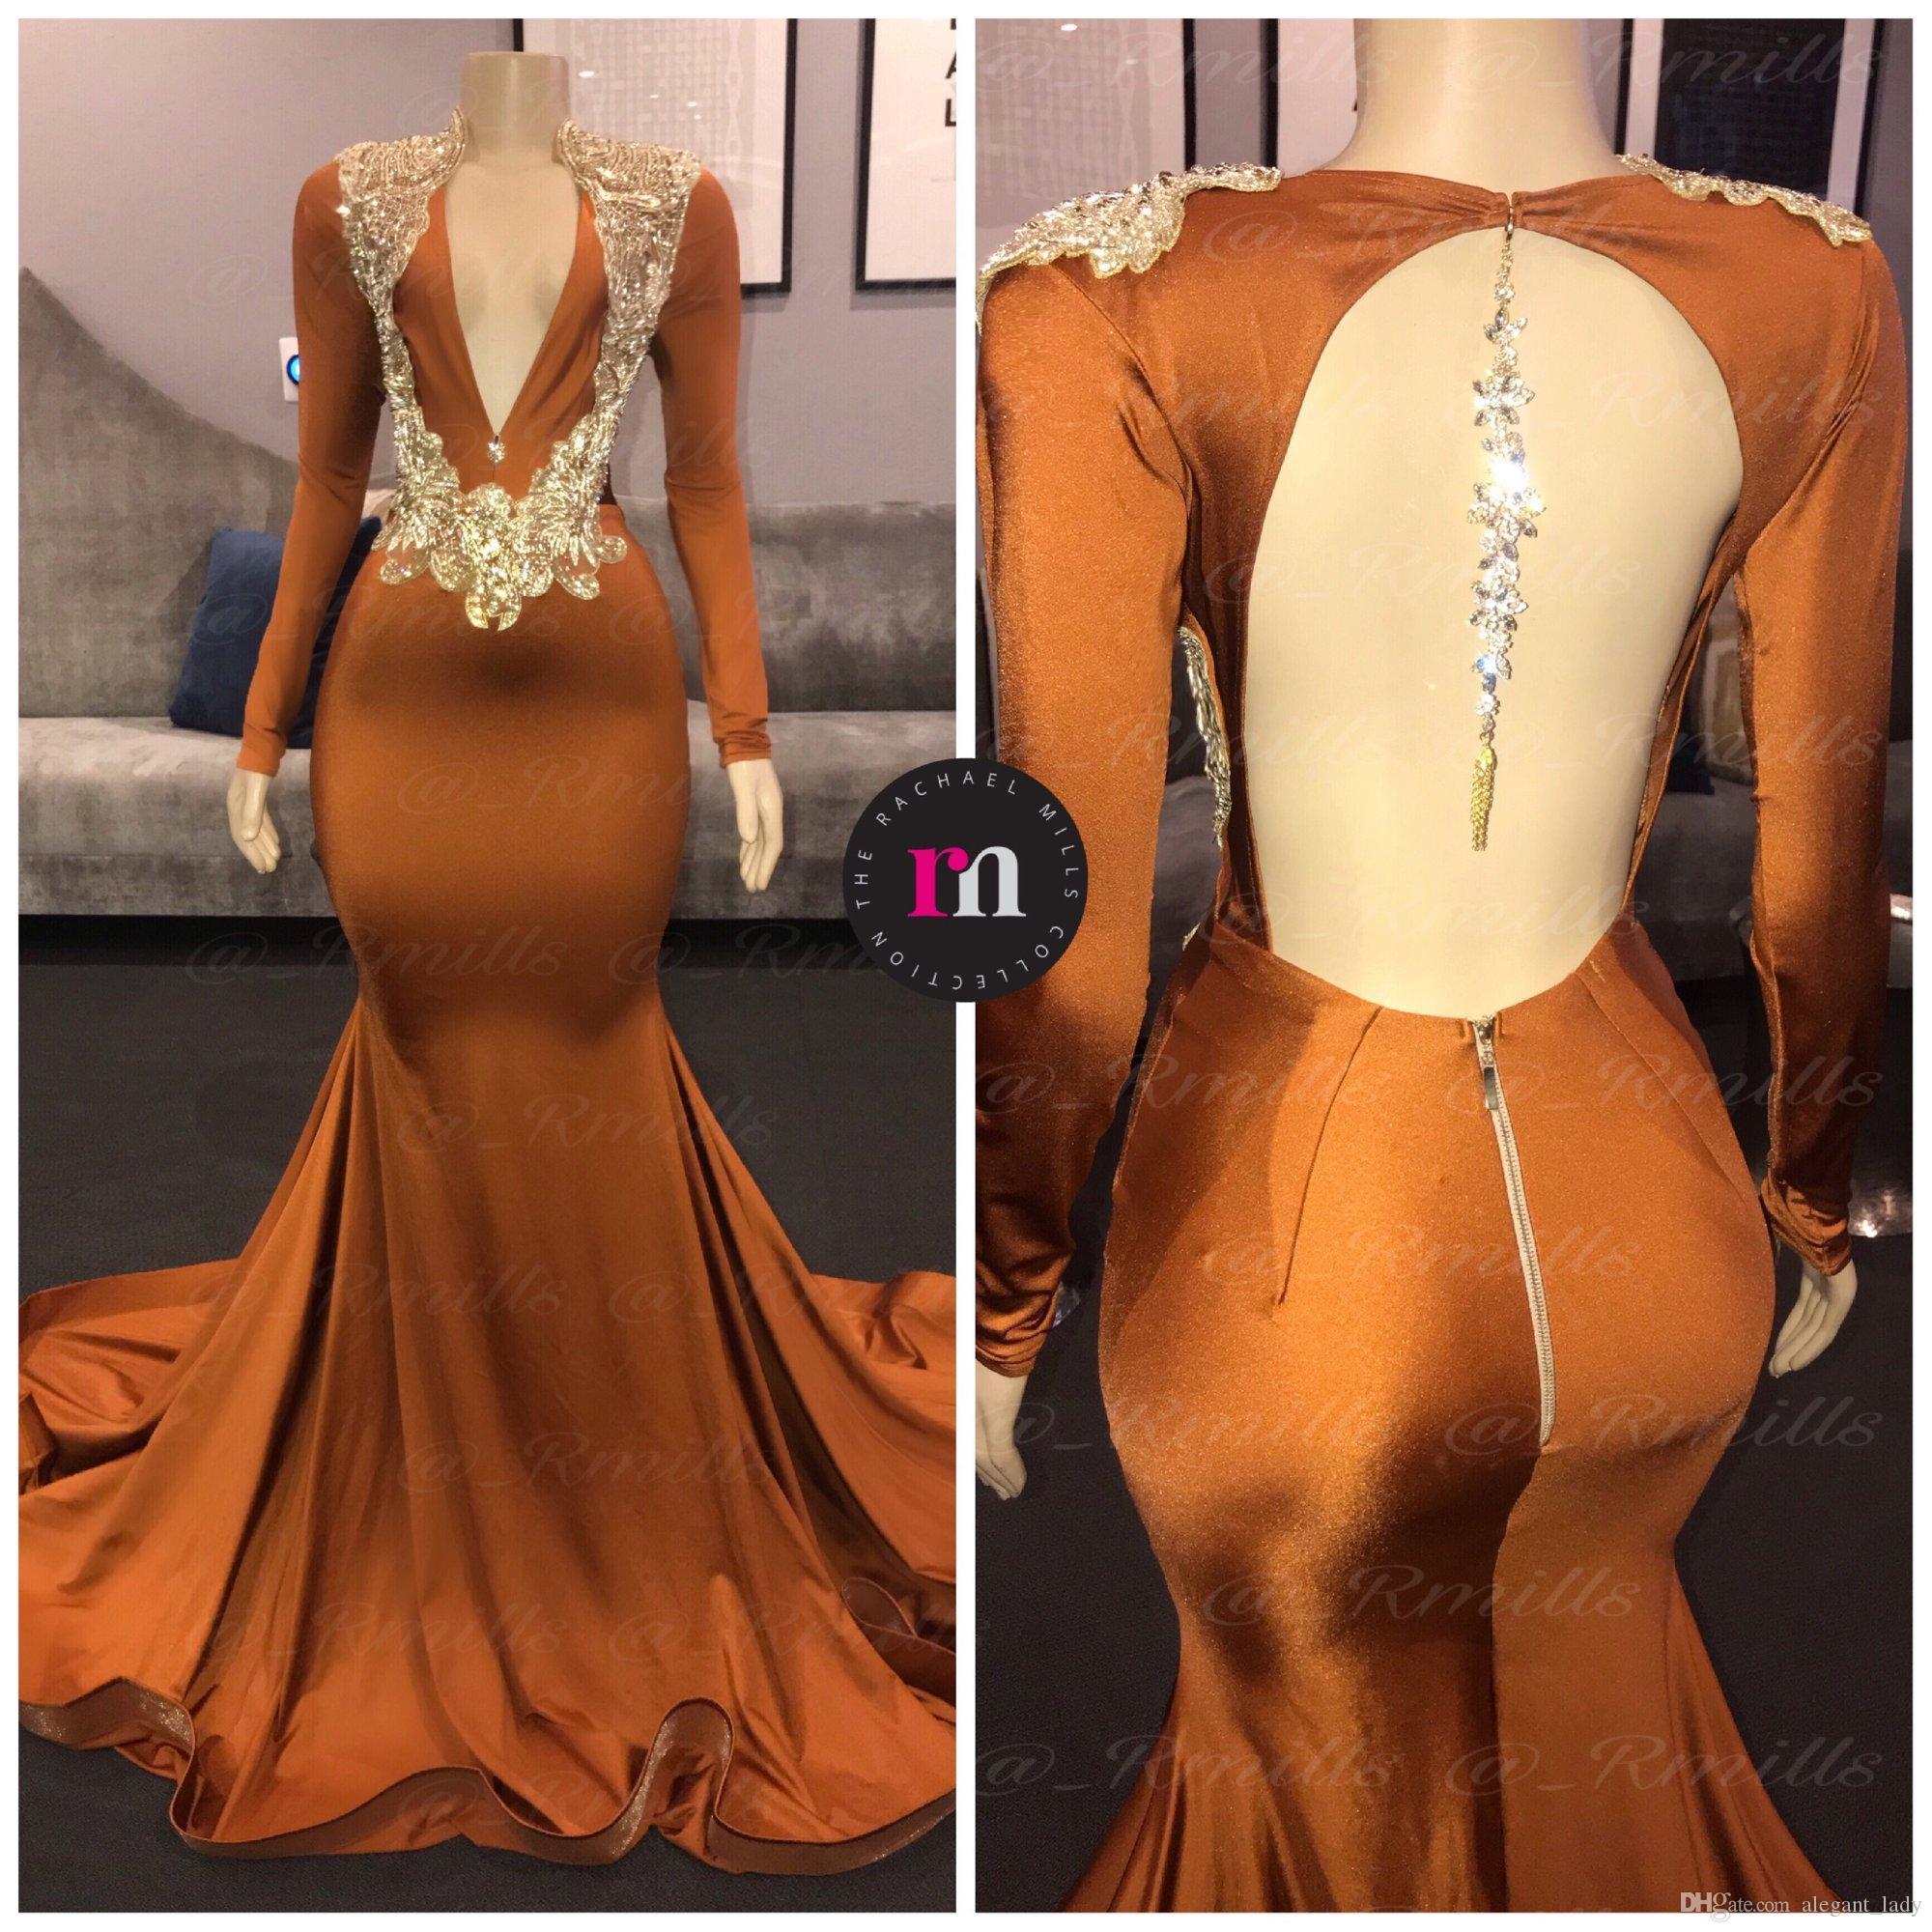 Vestidos de ocasión de la sirena de manga larga calientes Vestidos de ocasión 2020 Sparkly CRISTAL CRISTAL INSPUERTARIO ARRANO Cuello en V Brown Africano por la noche vestido vestido vestido